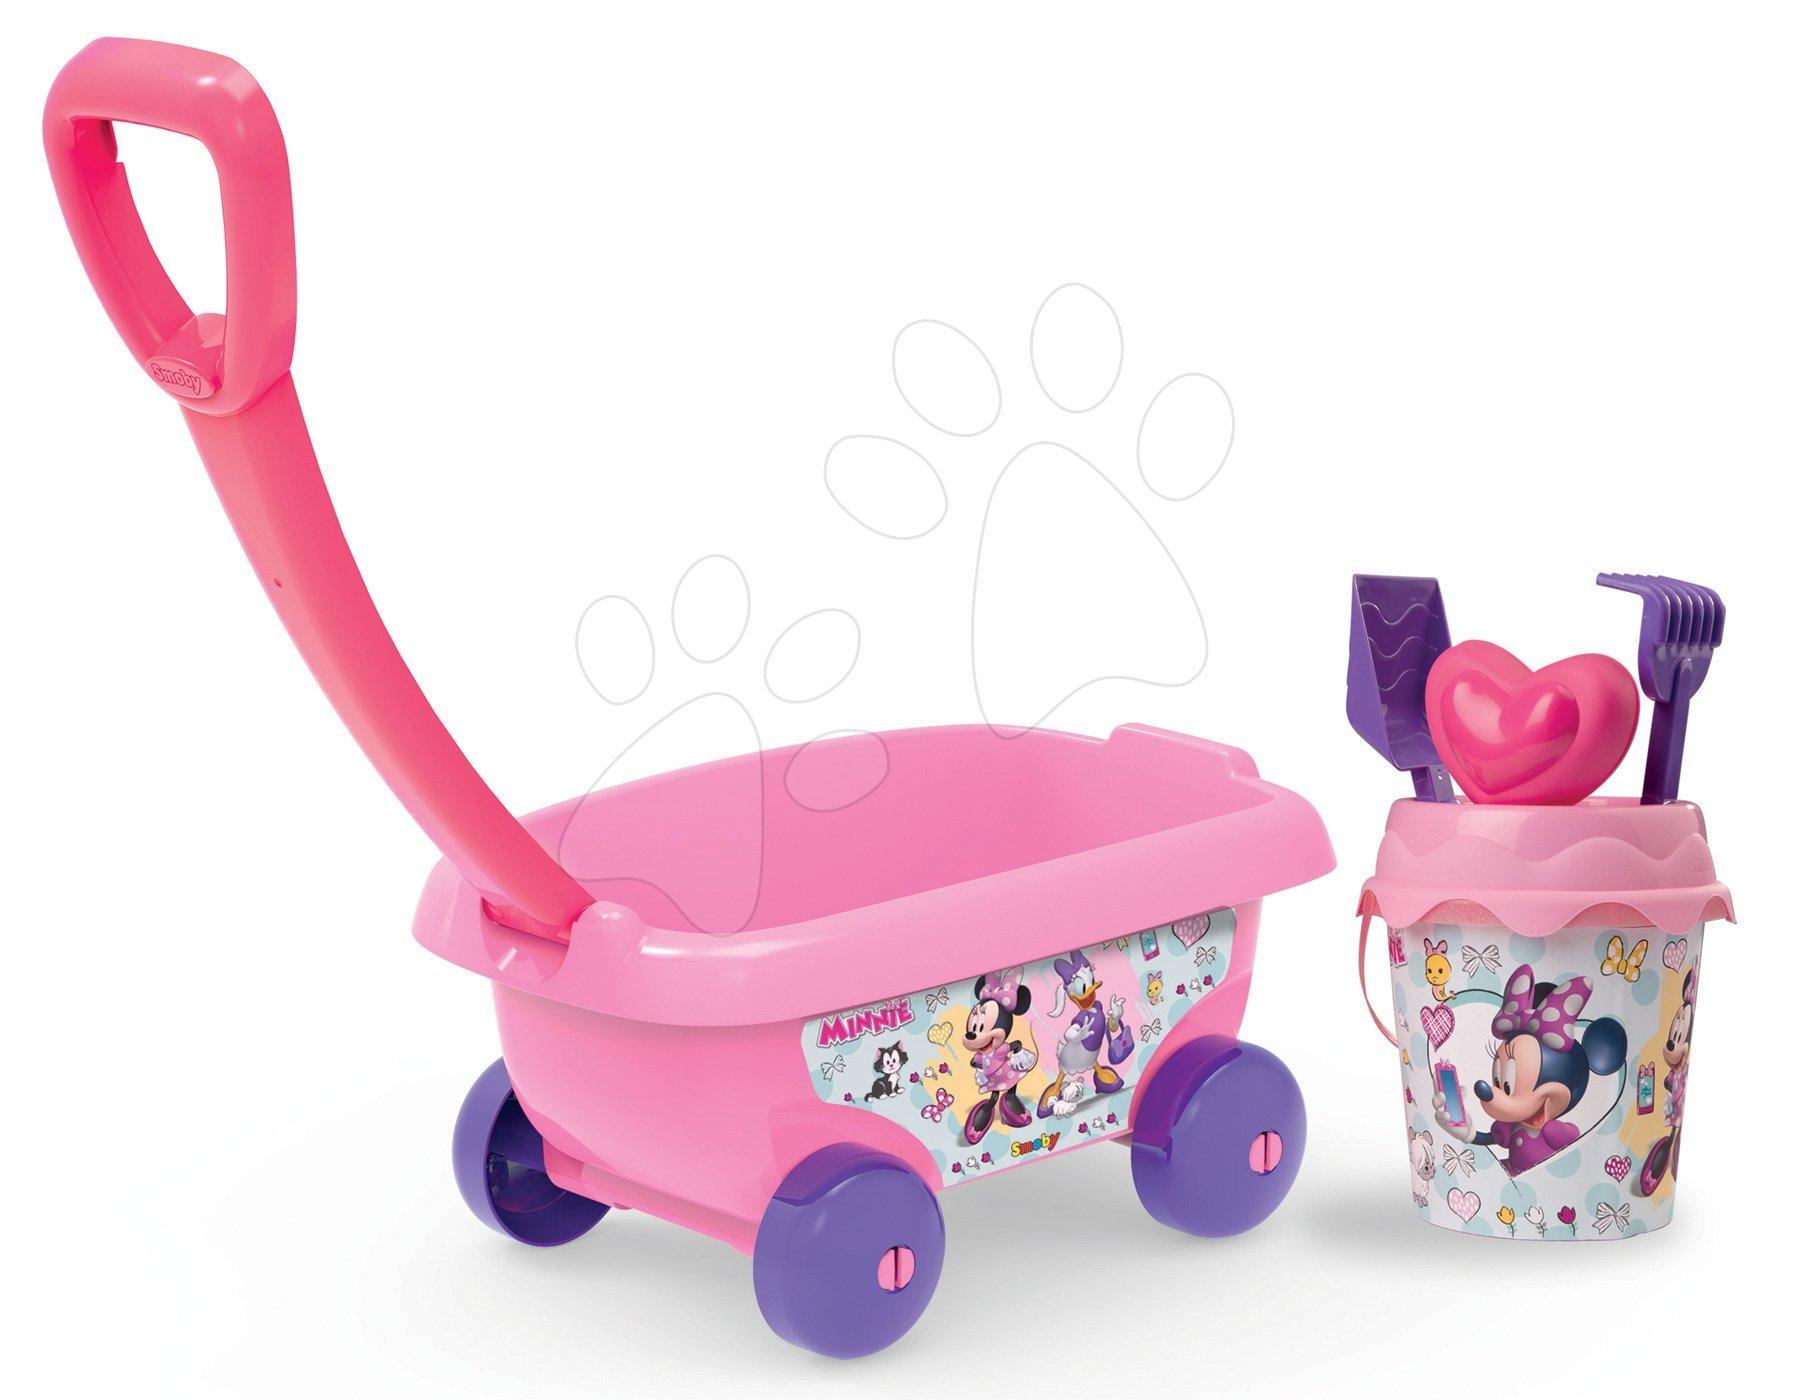 Vozík na tahání Minnie Smoby s kbelík setem do písku růžový od 18 měsíců